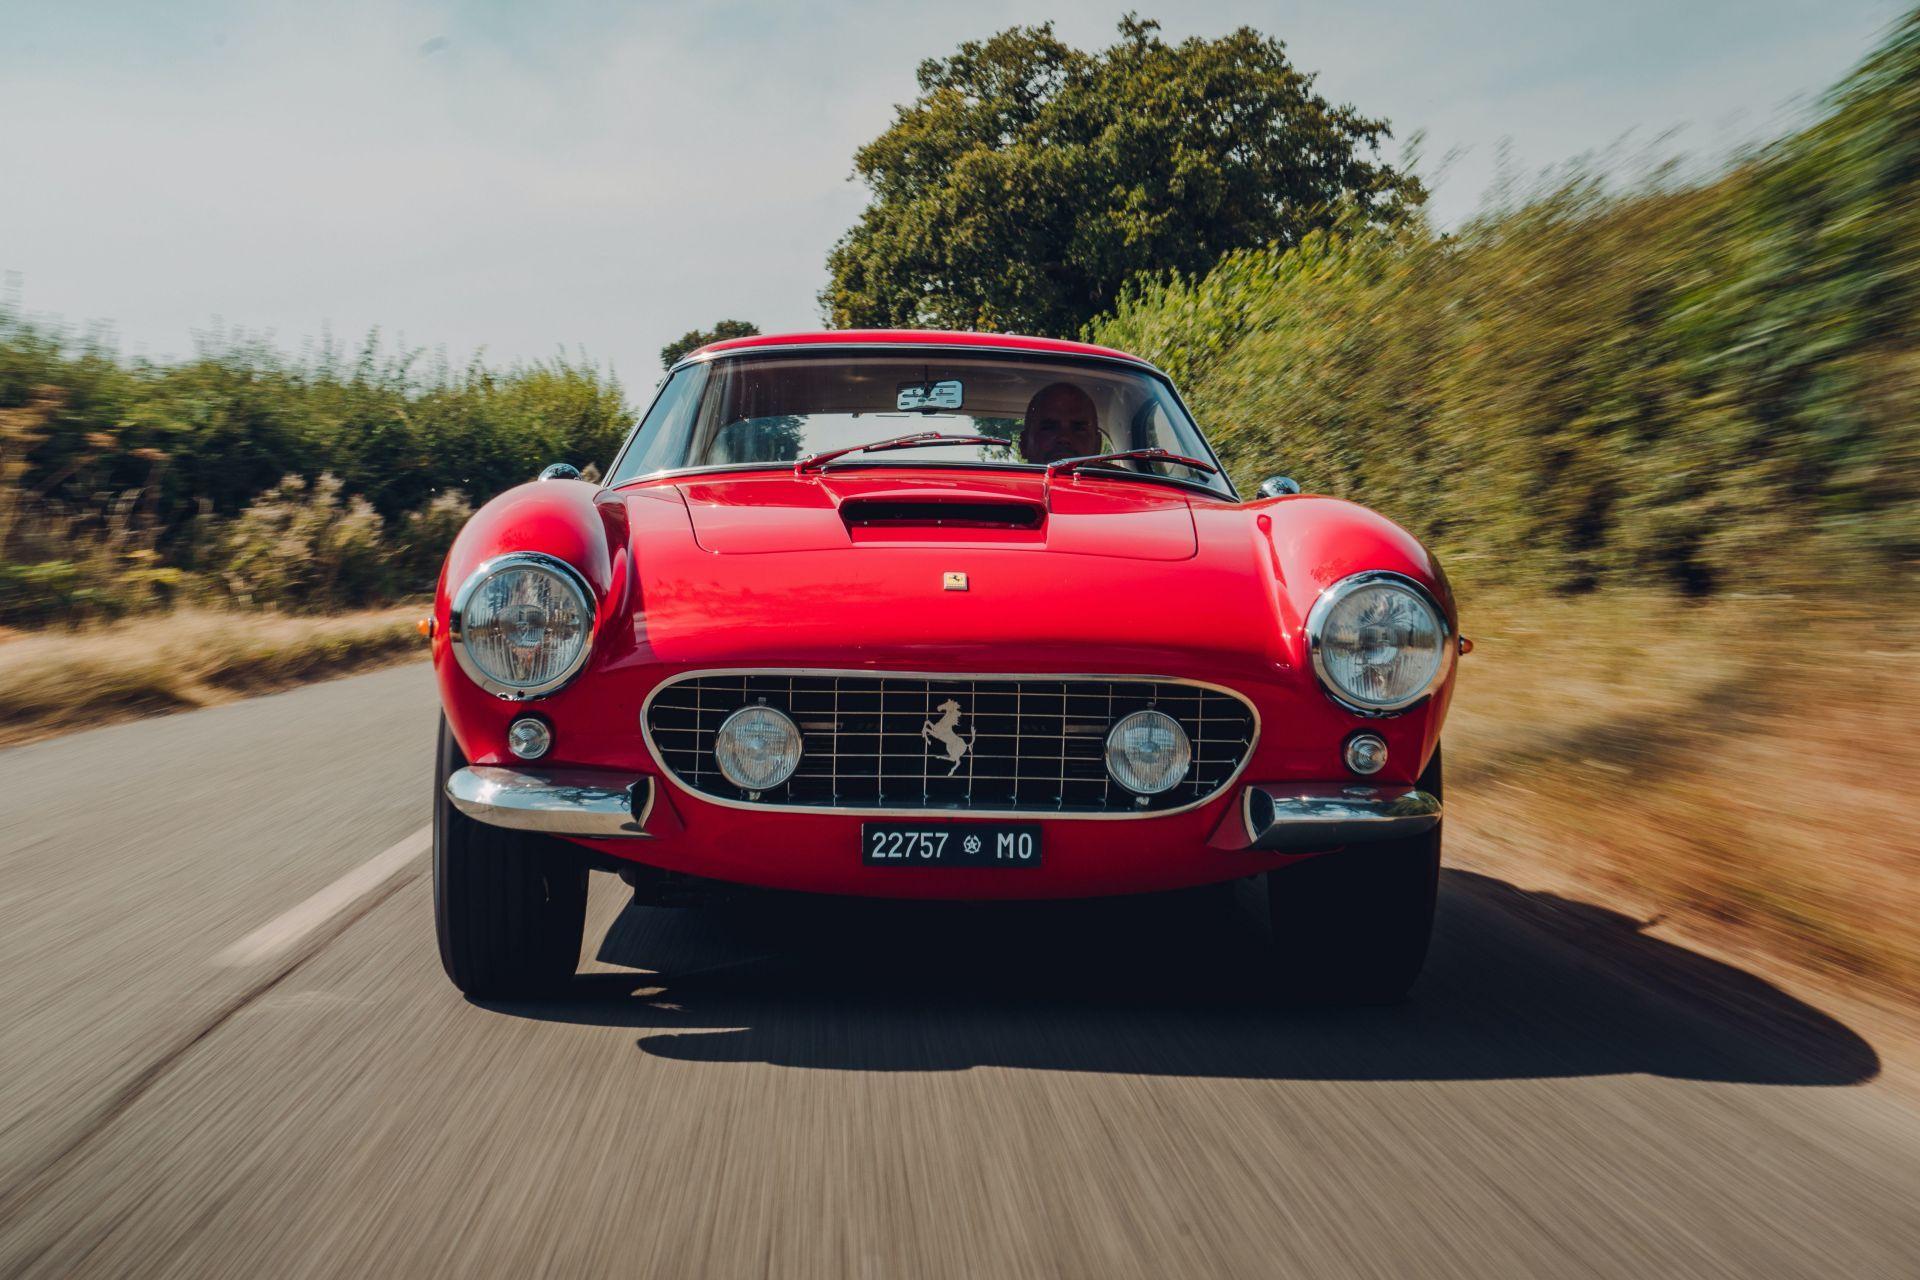 Ferrari-250-GT-SWB-Berlinetta-Competizione-Revival-by-GTO-Engineering-4